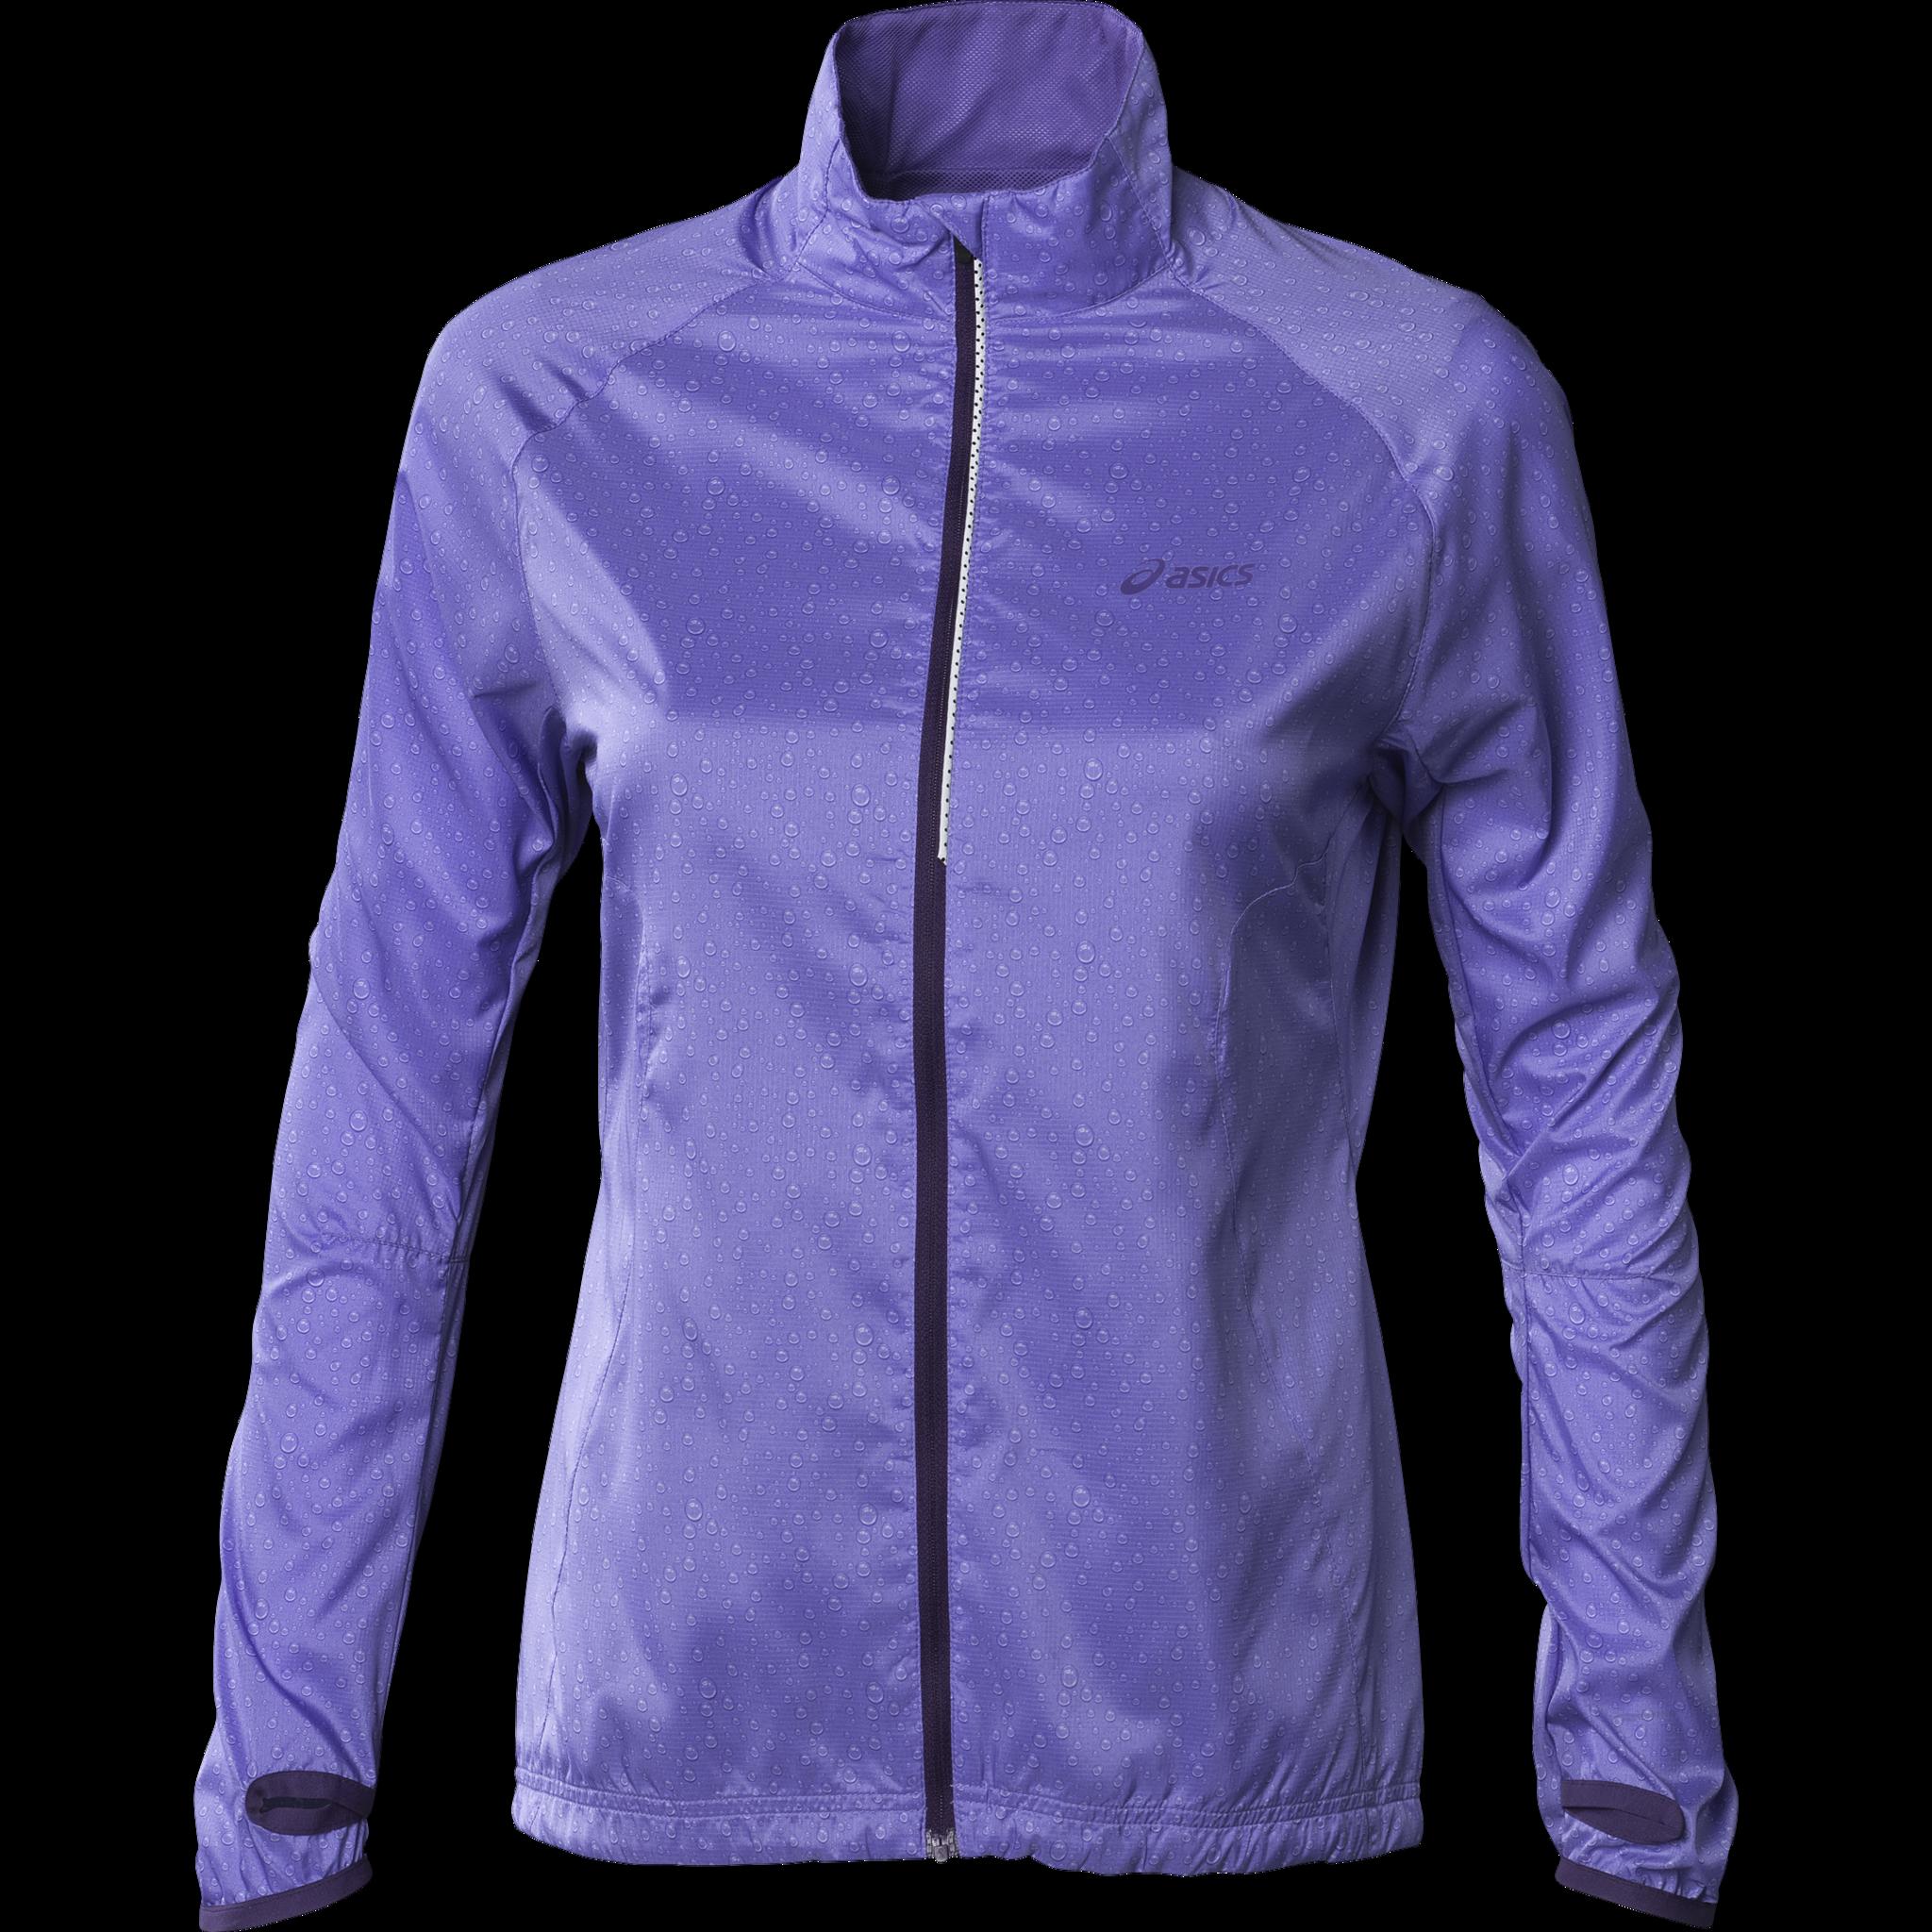 Женская беговая ветровка Asics Wind Jacket (114559 2033)